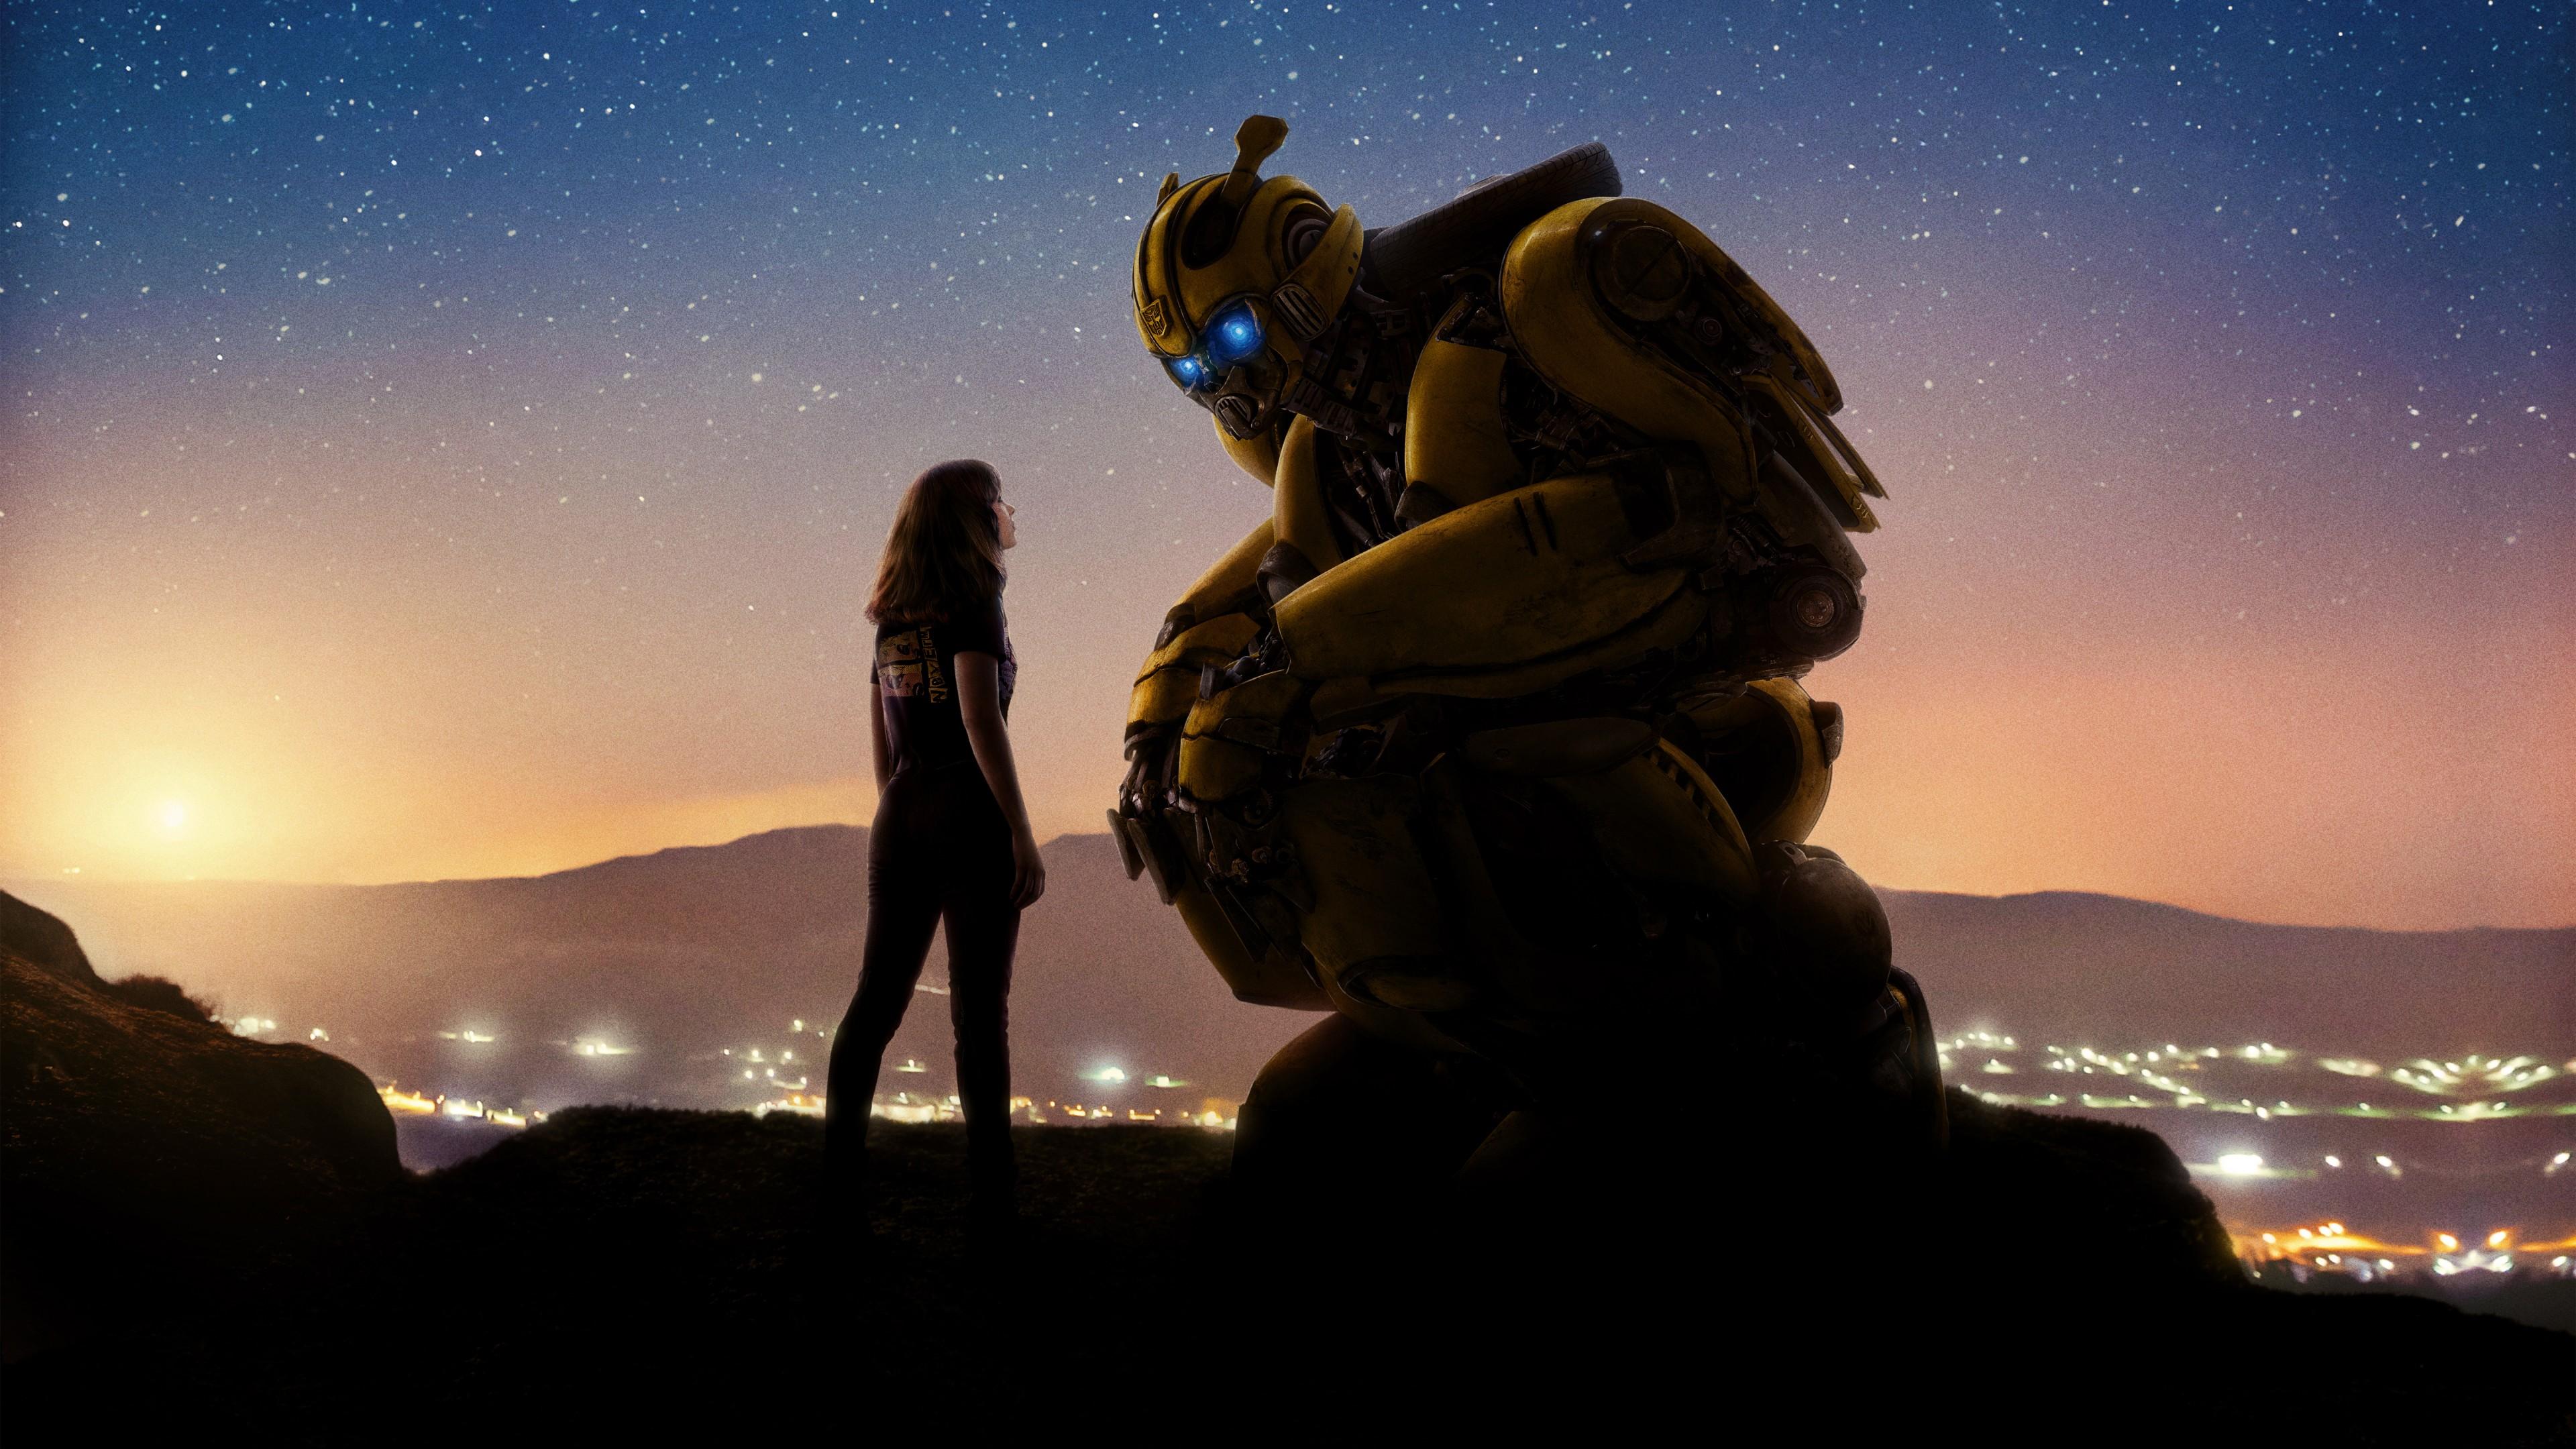 Робот с неоновыми глазами и девушка на берегу моря в лучах солнца и золотых звезд